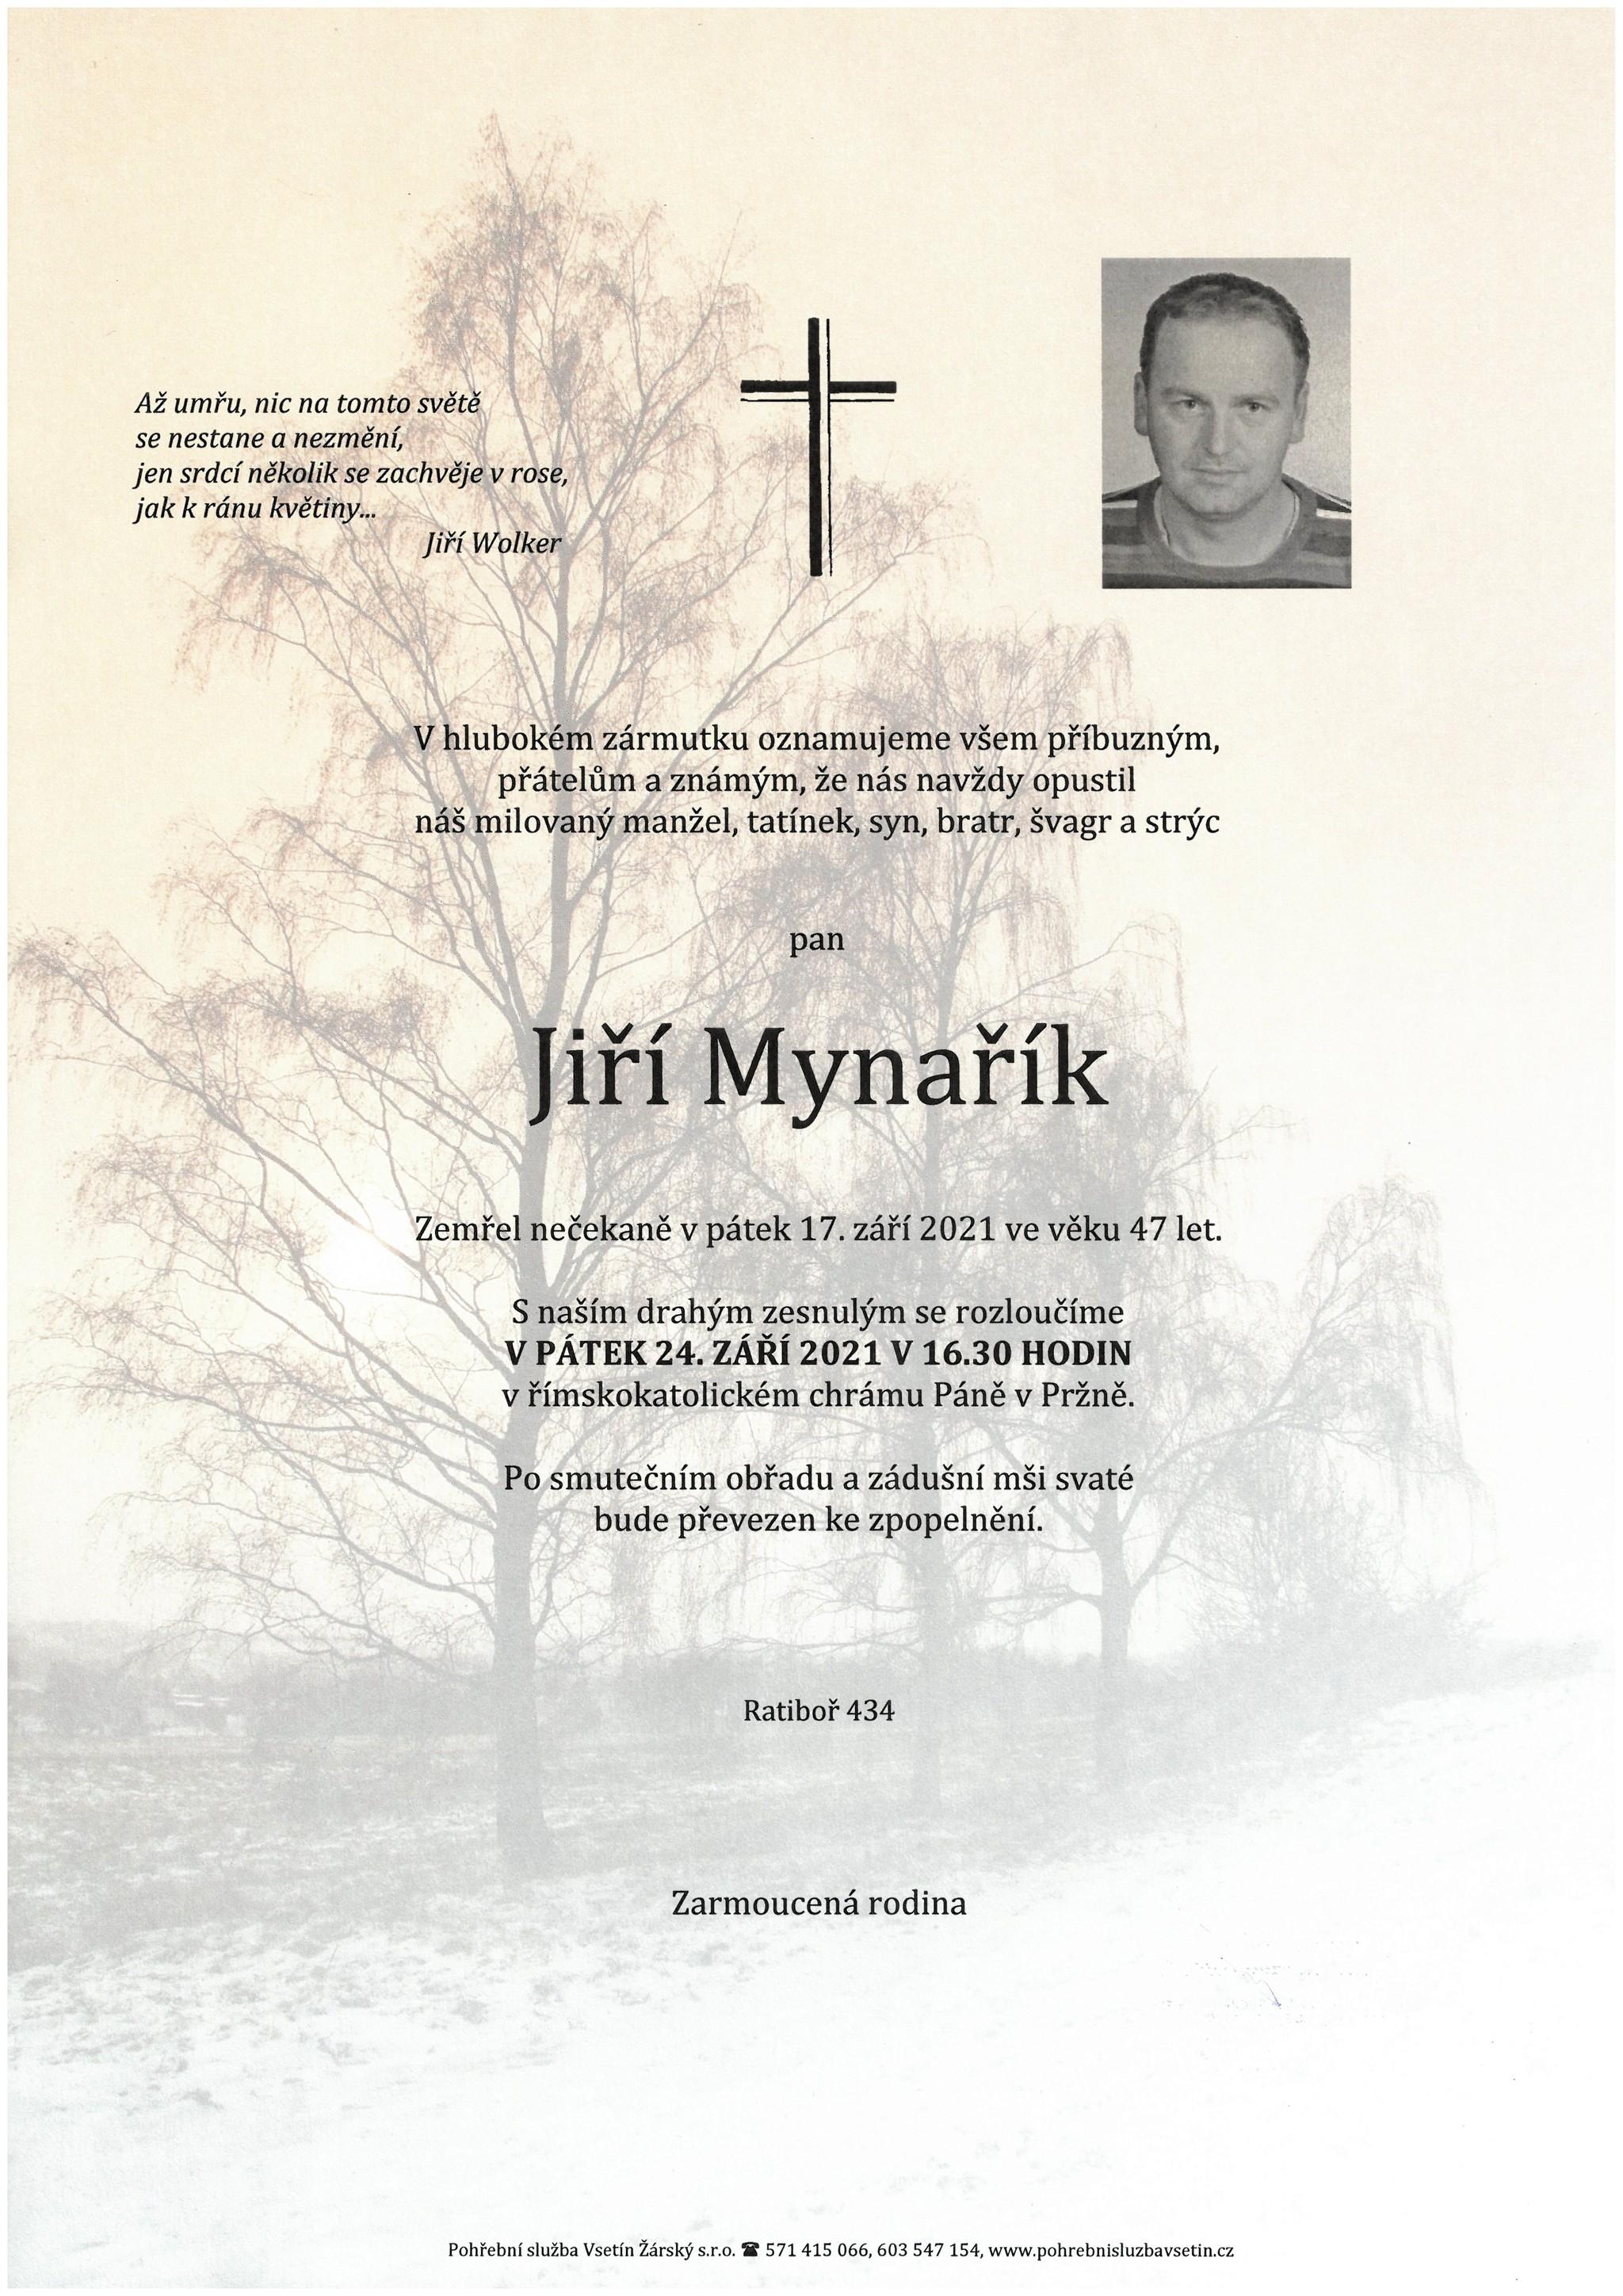 Jiří Mynařík